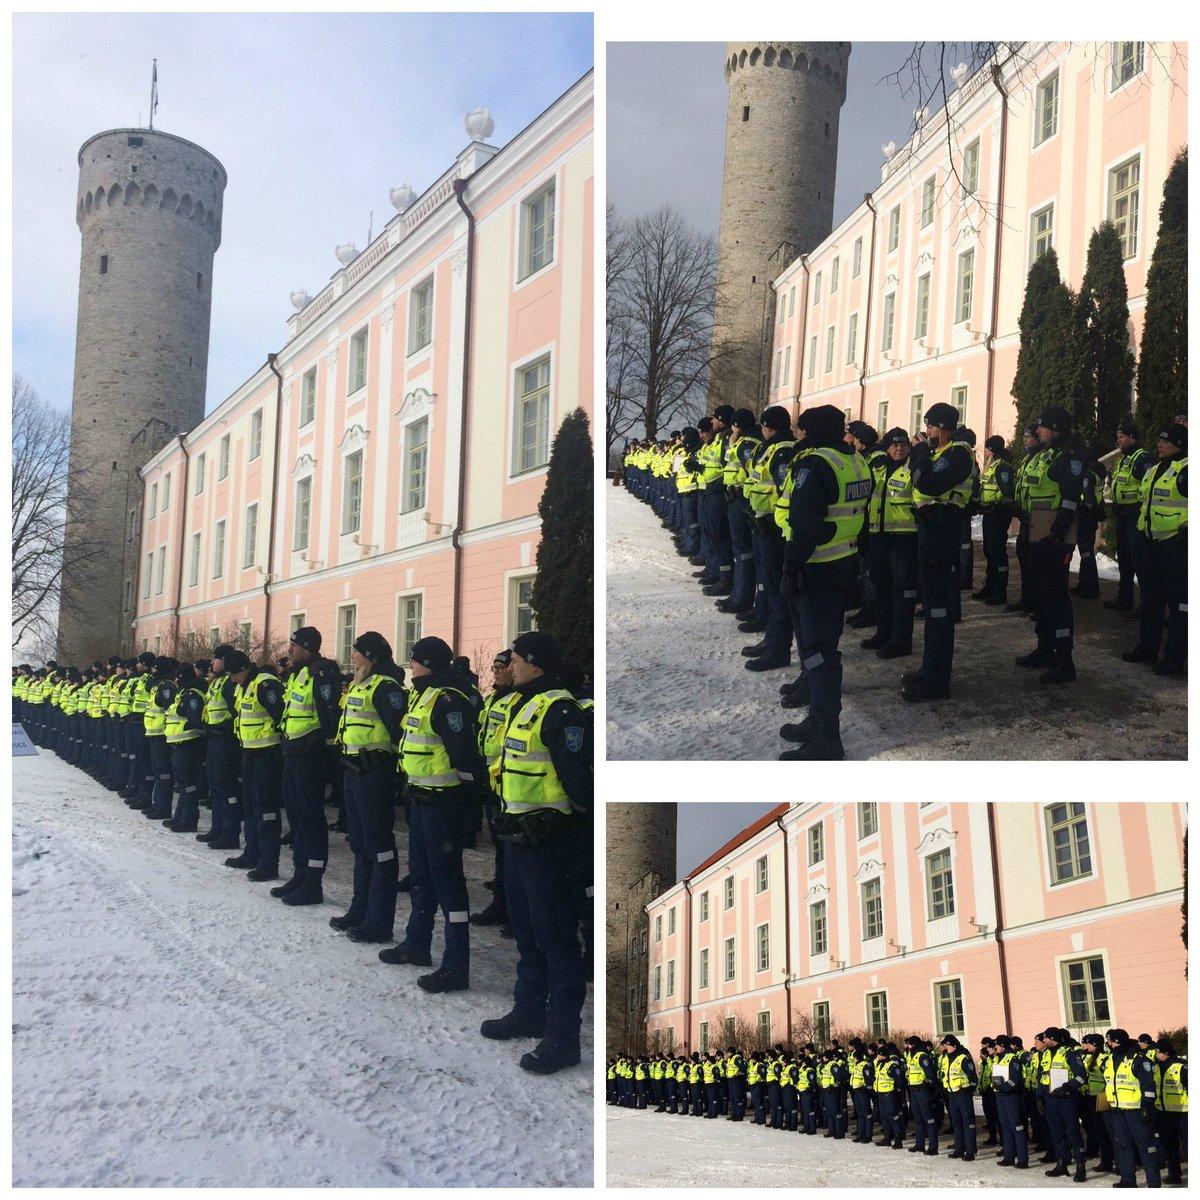 4b25380b4c6 Estonian Police (@EstonianPolice) | Twitter